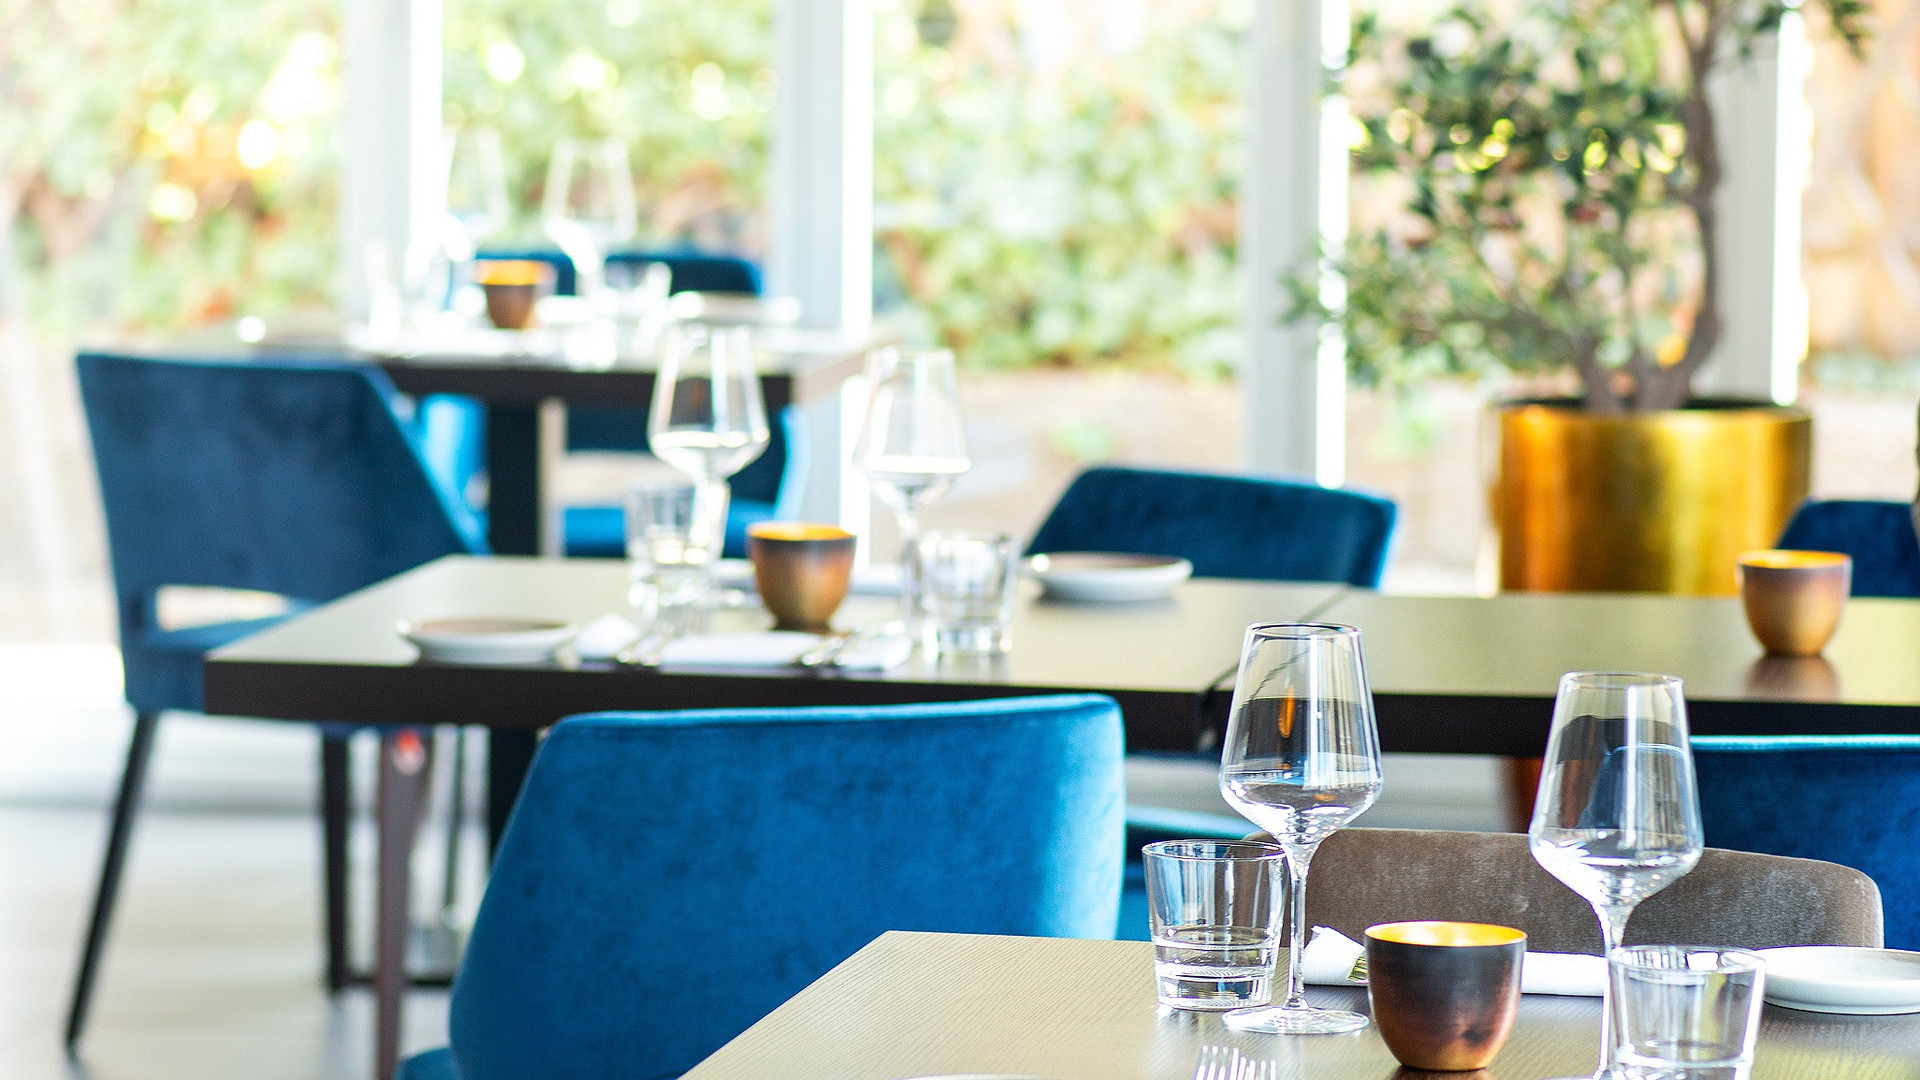 Salir_Innenaufnahme_Restaurant_Zuerich_d